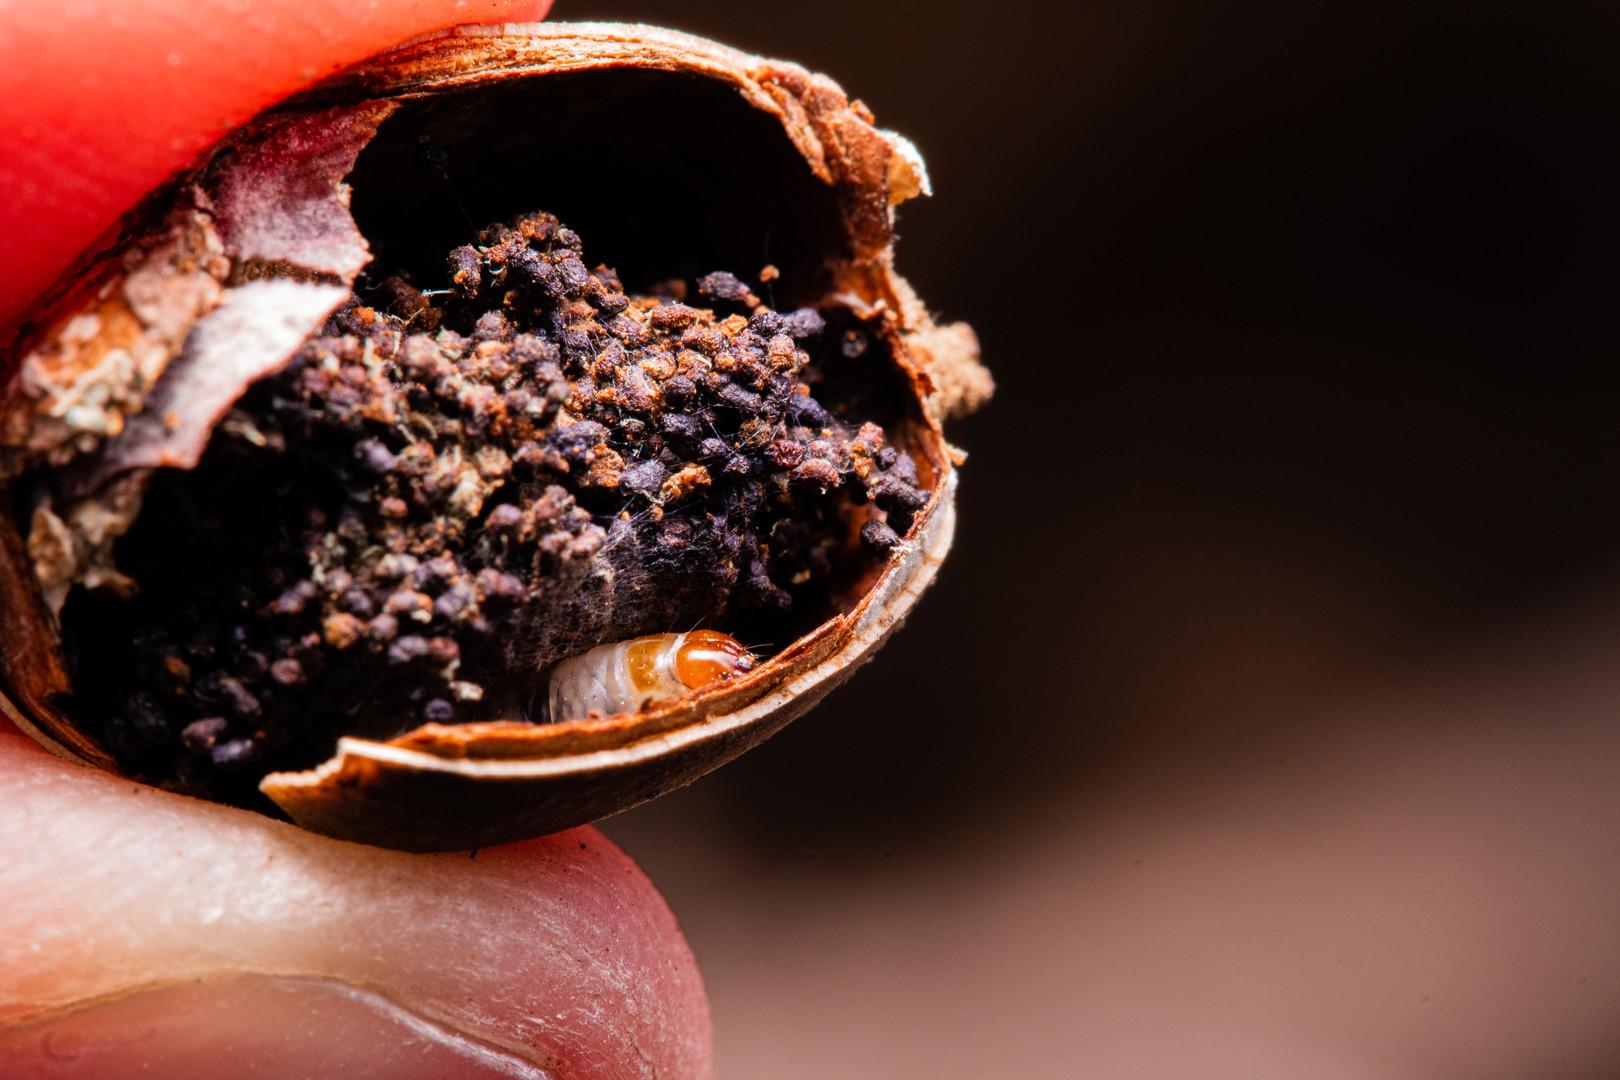 Acorn Worm Nest